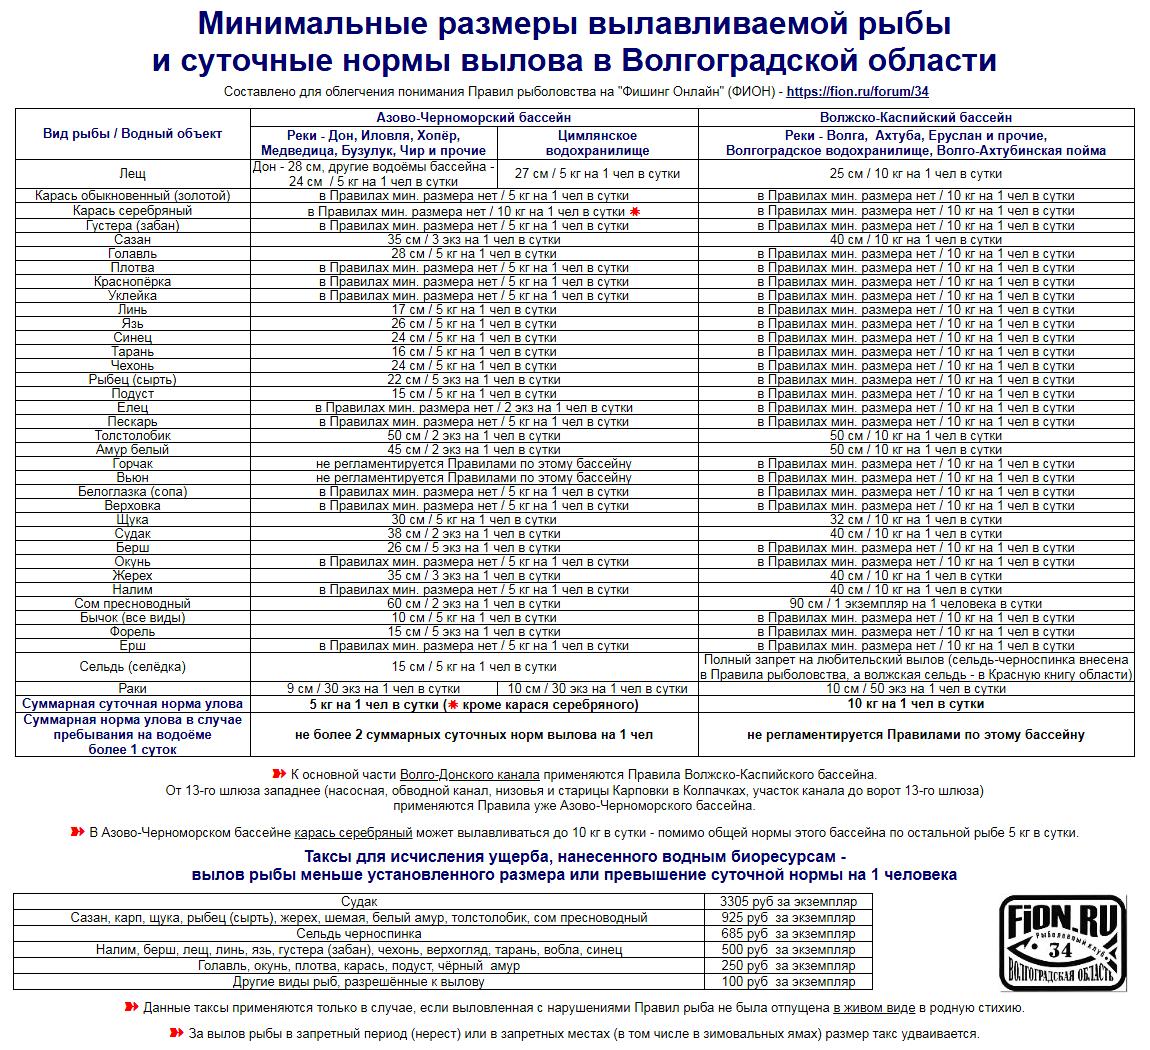 Сколько можно ловить раков на одного человека в россии